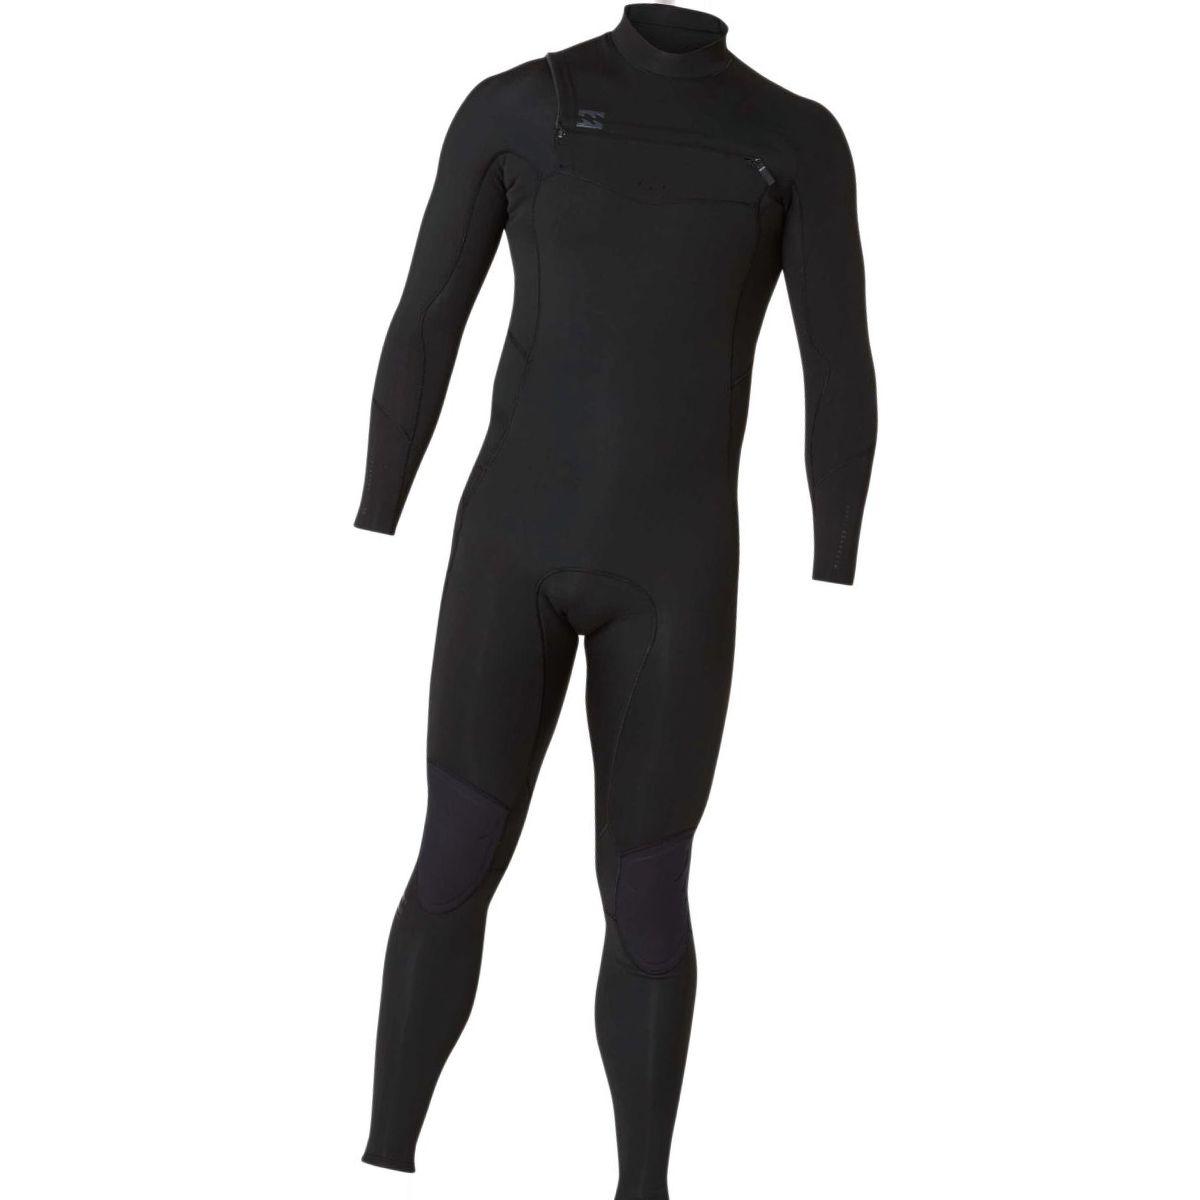 Billabong 4/3mm Furnace Absolute Chest Zip GBS Full Wetsuit - Men's